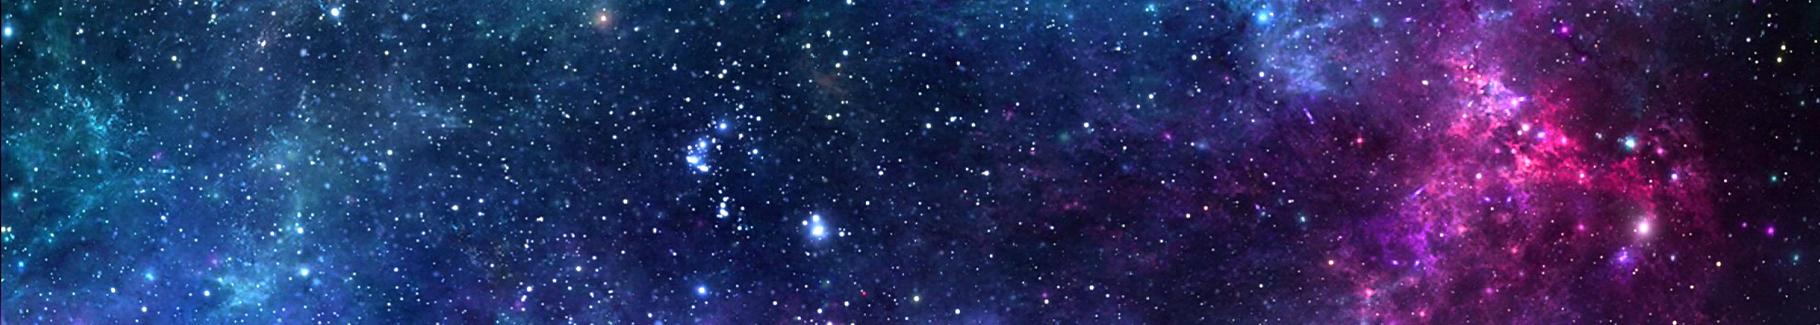 Naklejka kosmos i gwiazdy